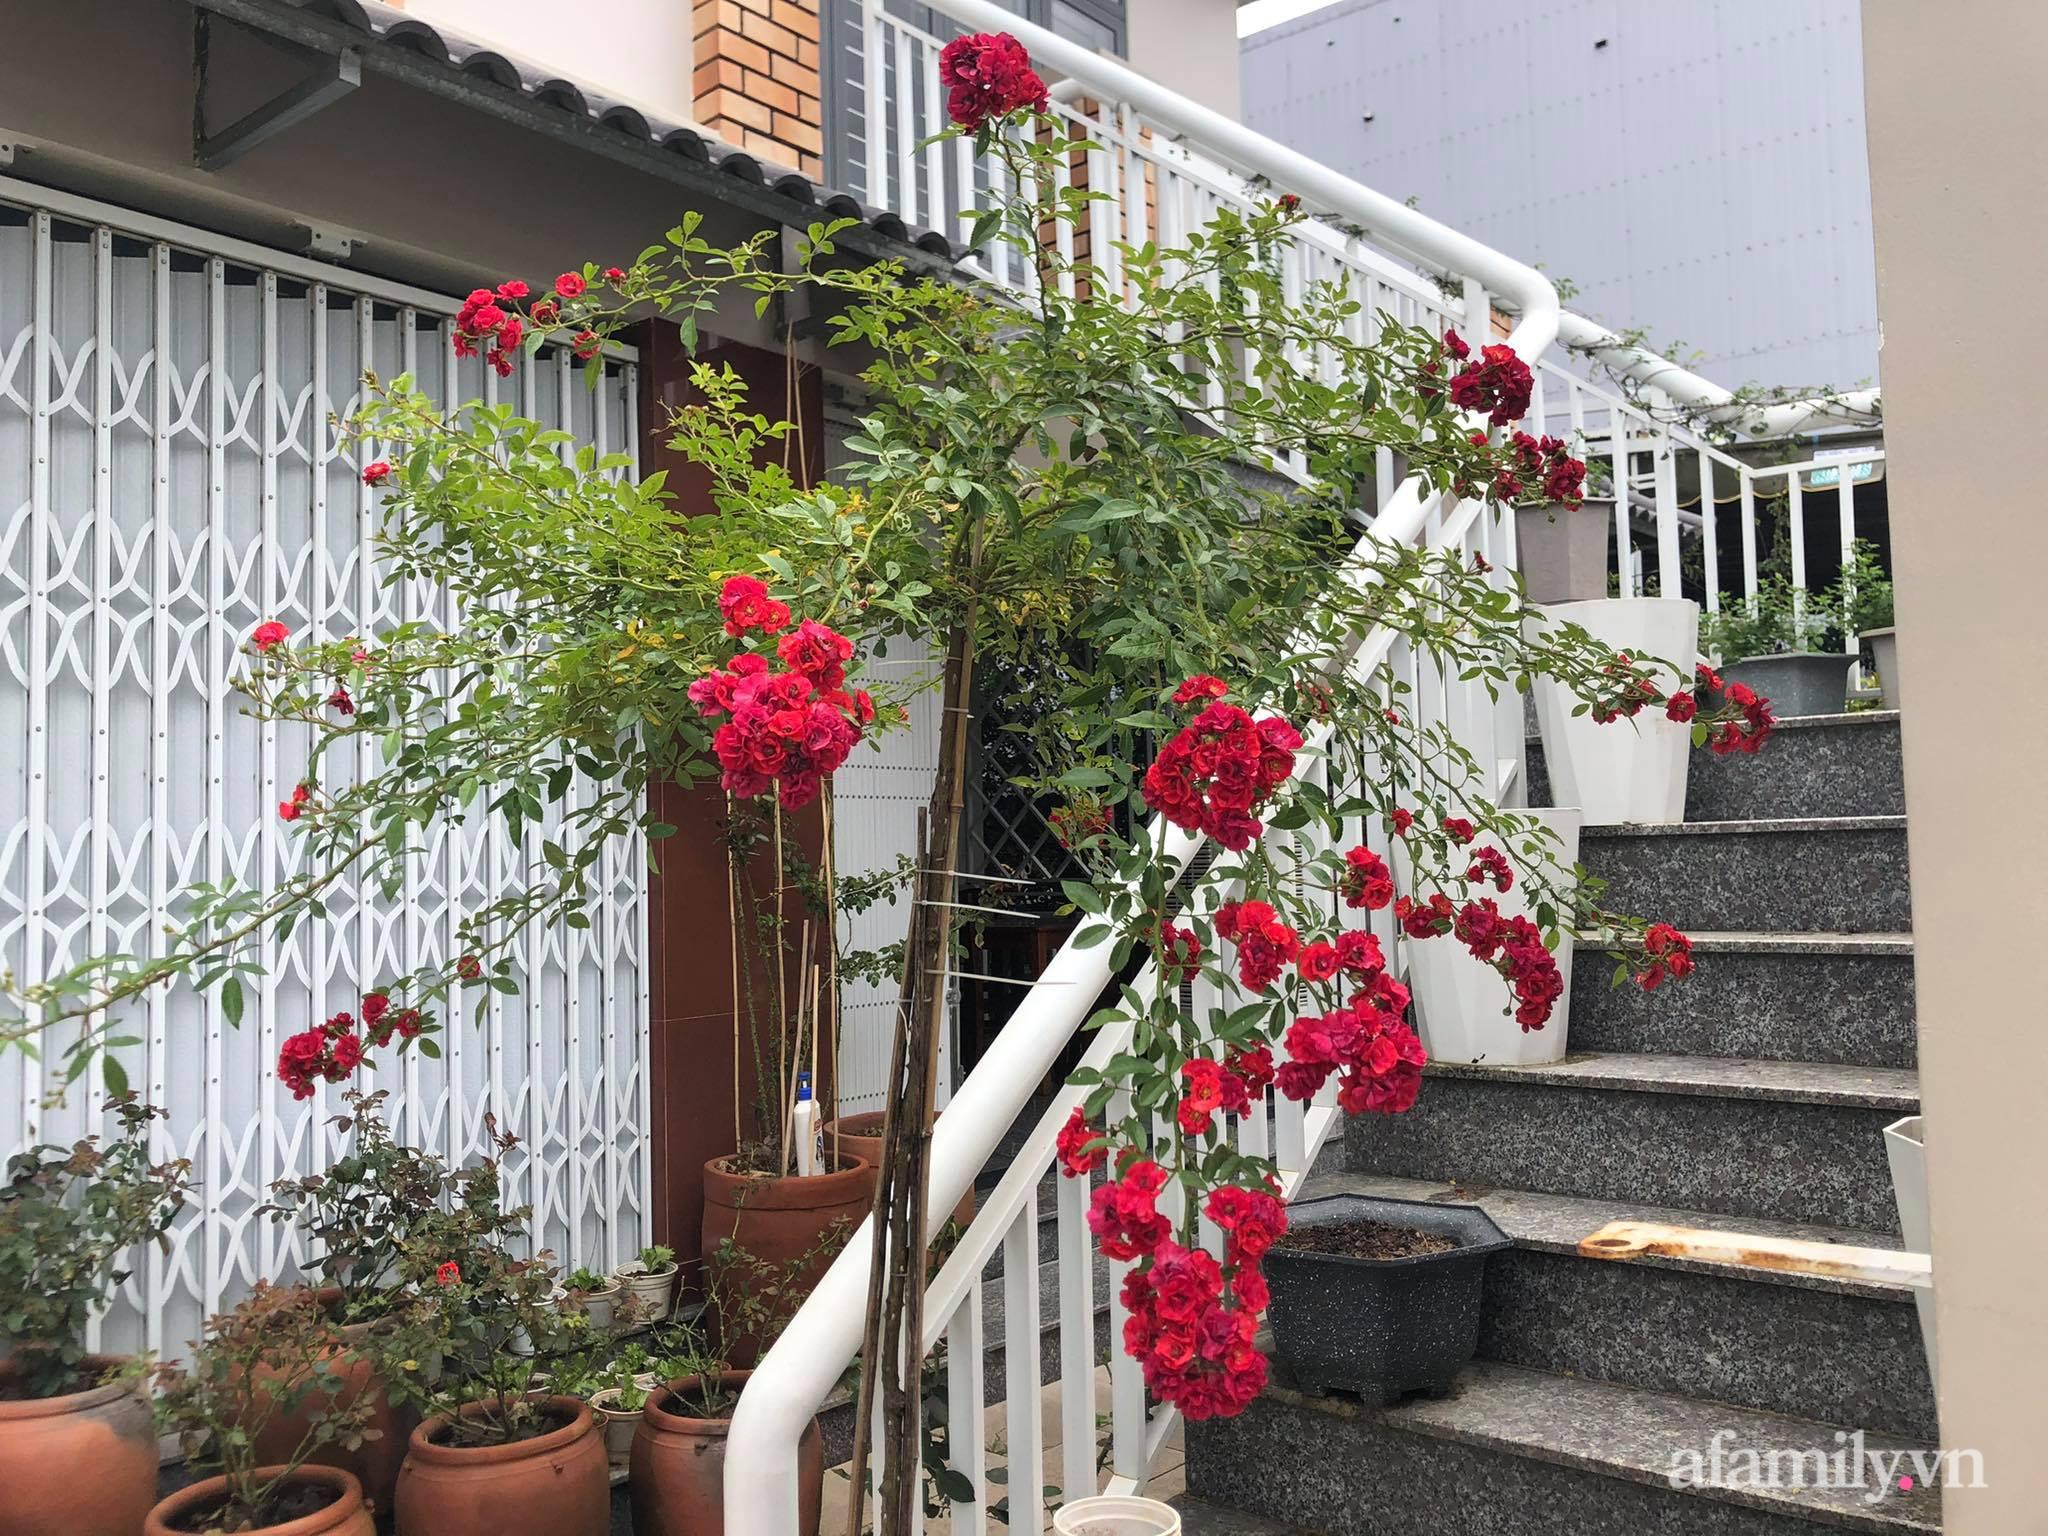 Vườn 500m² được quy hoạch khoa học để trồng đủ các loại rau quả sạch của mẹ đảm ở Quy Nhơn - Ảnh 11.